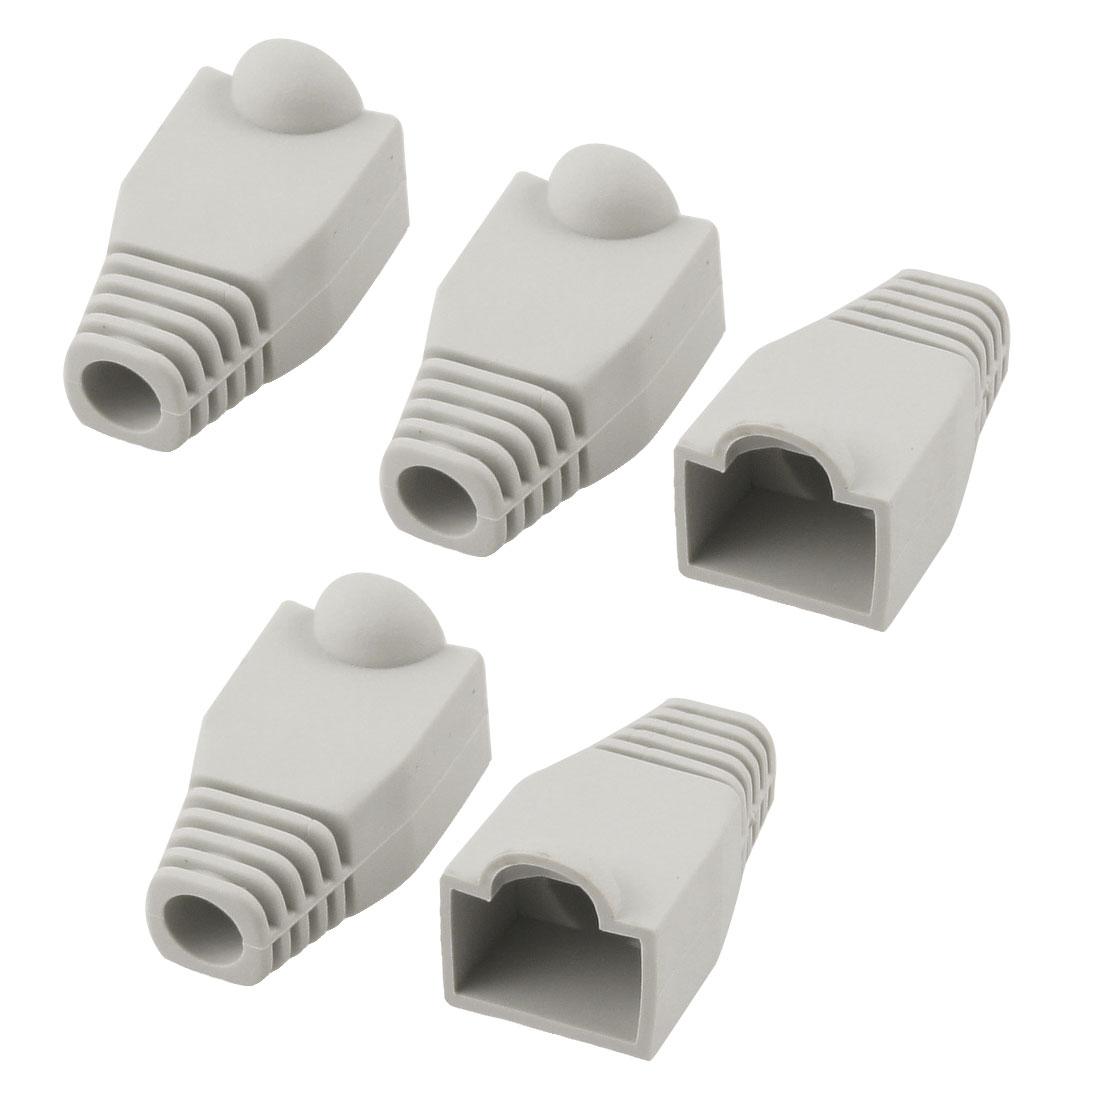 5 Pcs Gray Plastic Network Cable Boots Cap for RJ45 Cat5 Cat6